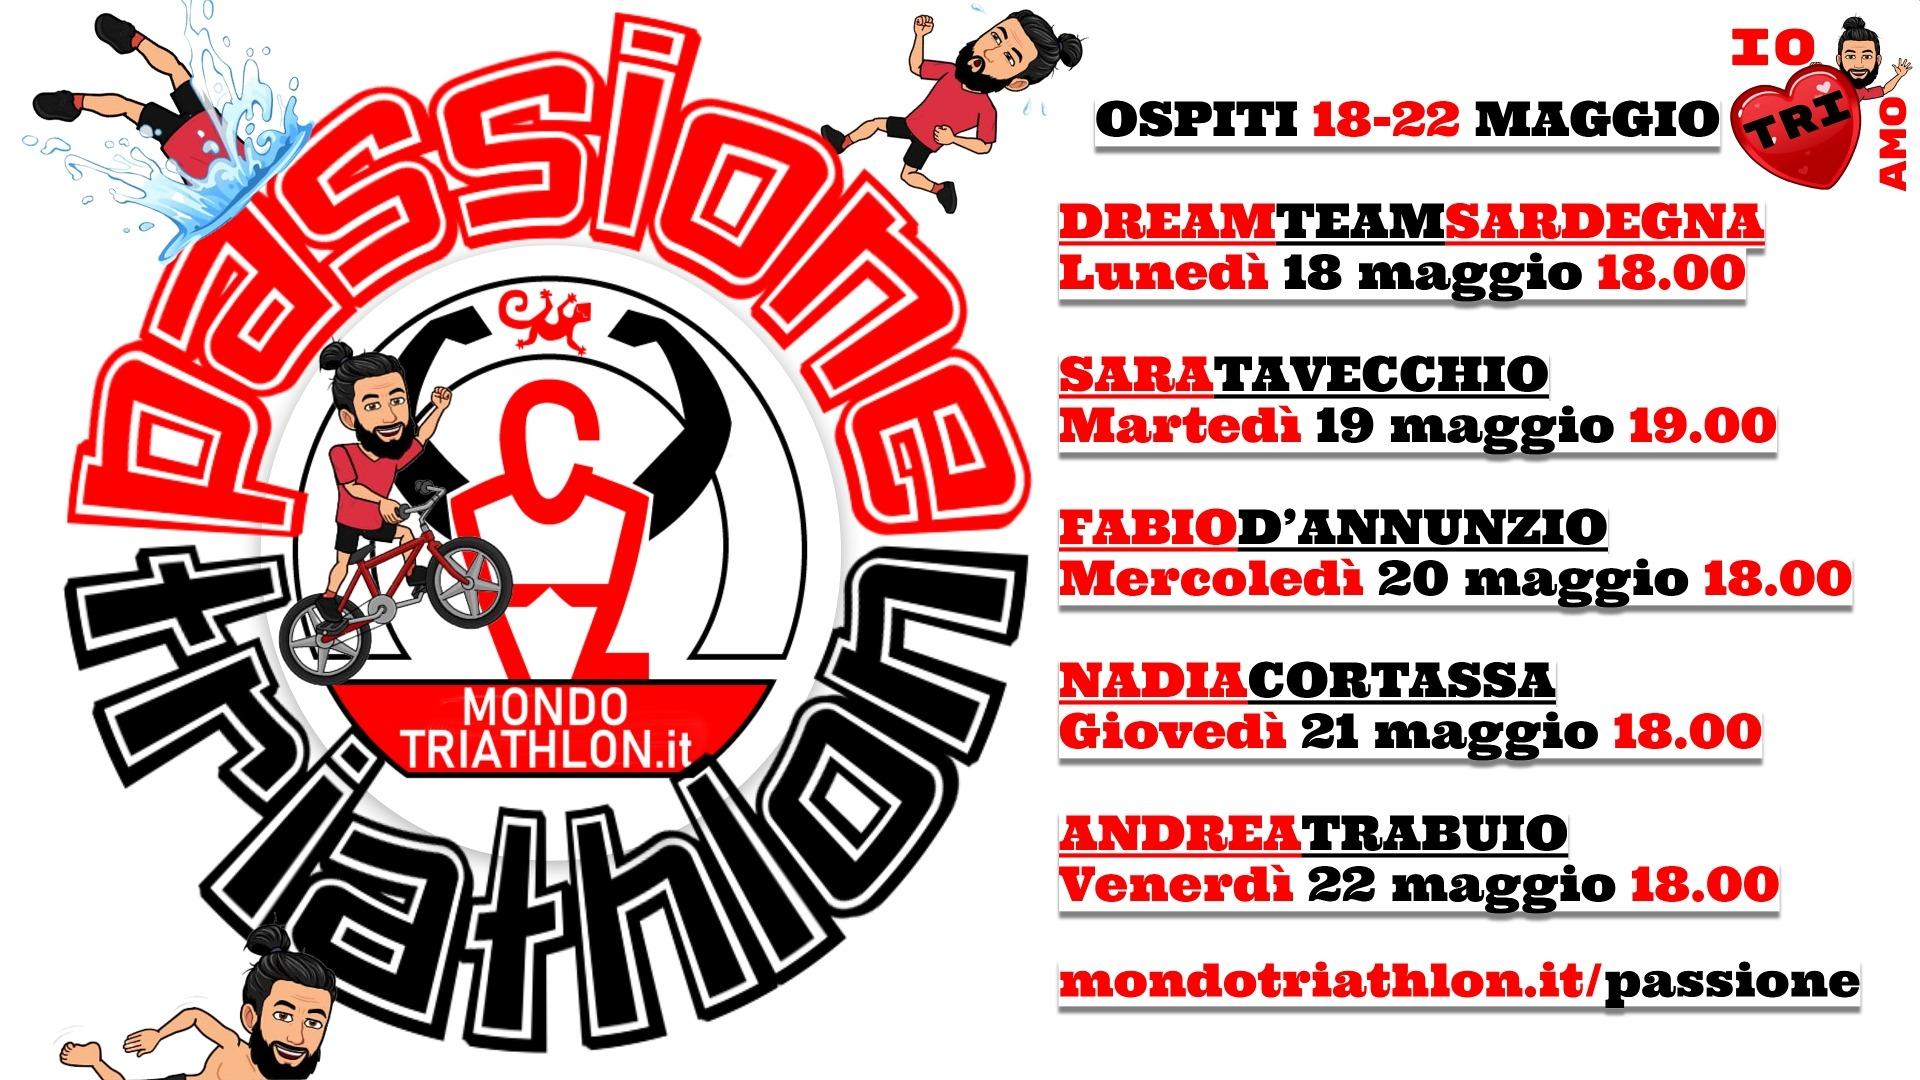 Passione Triathlon Programma Settimana 18-22 maggio 2020